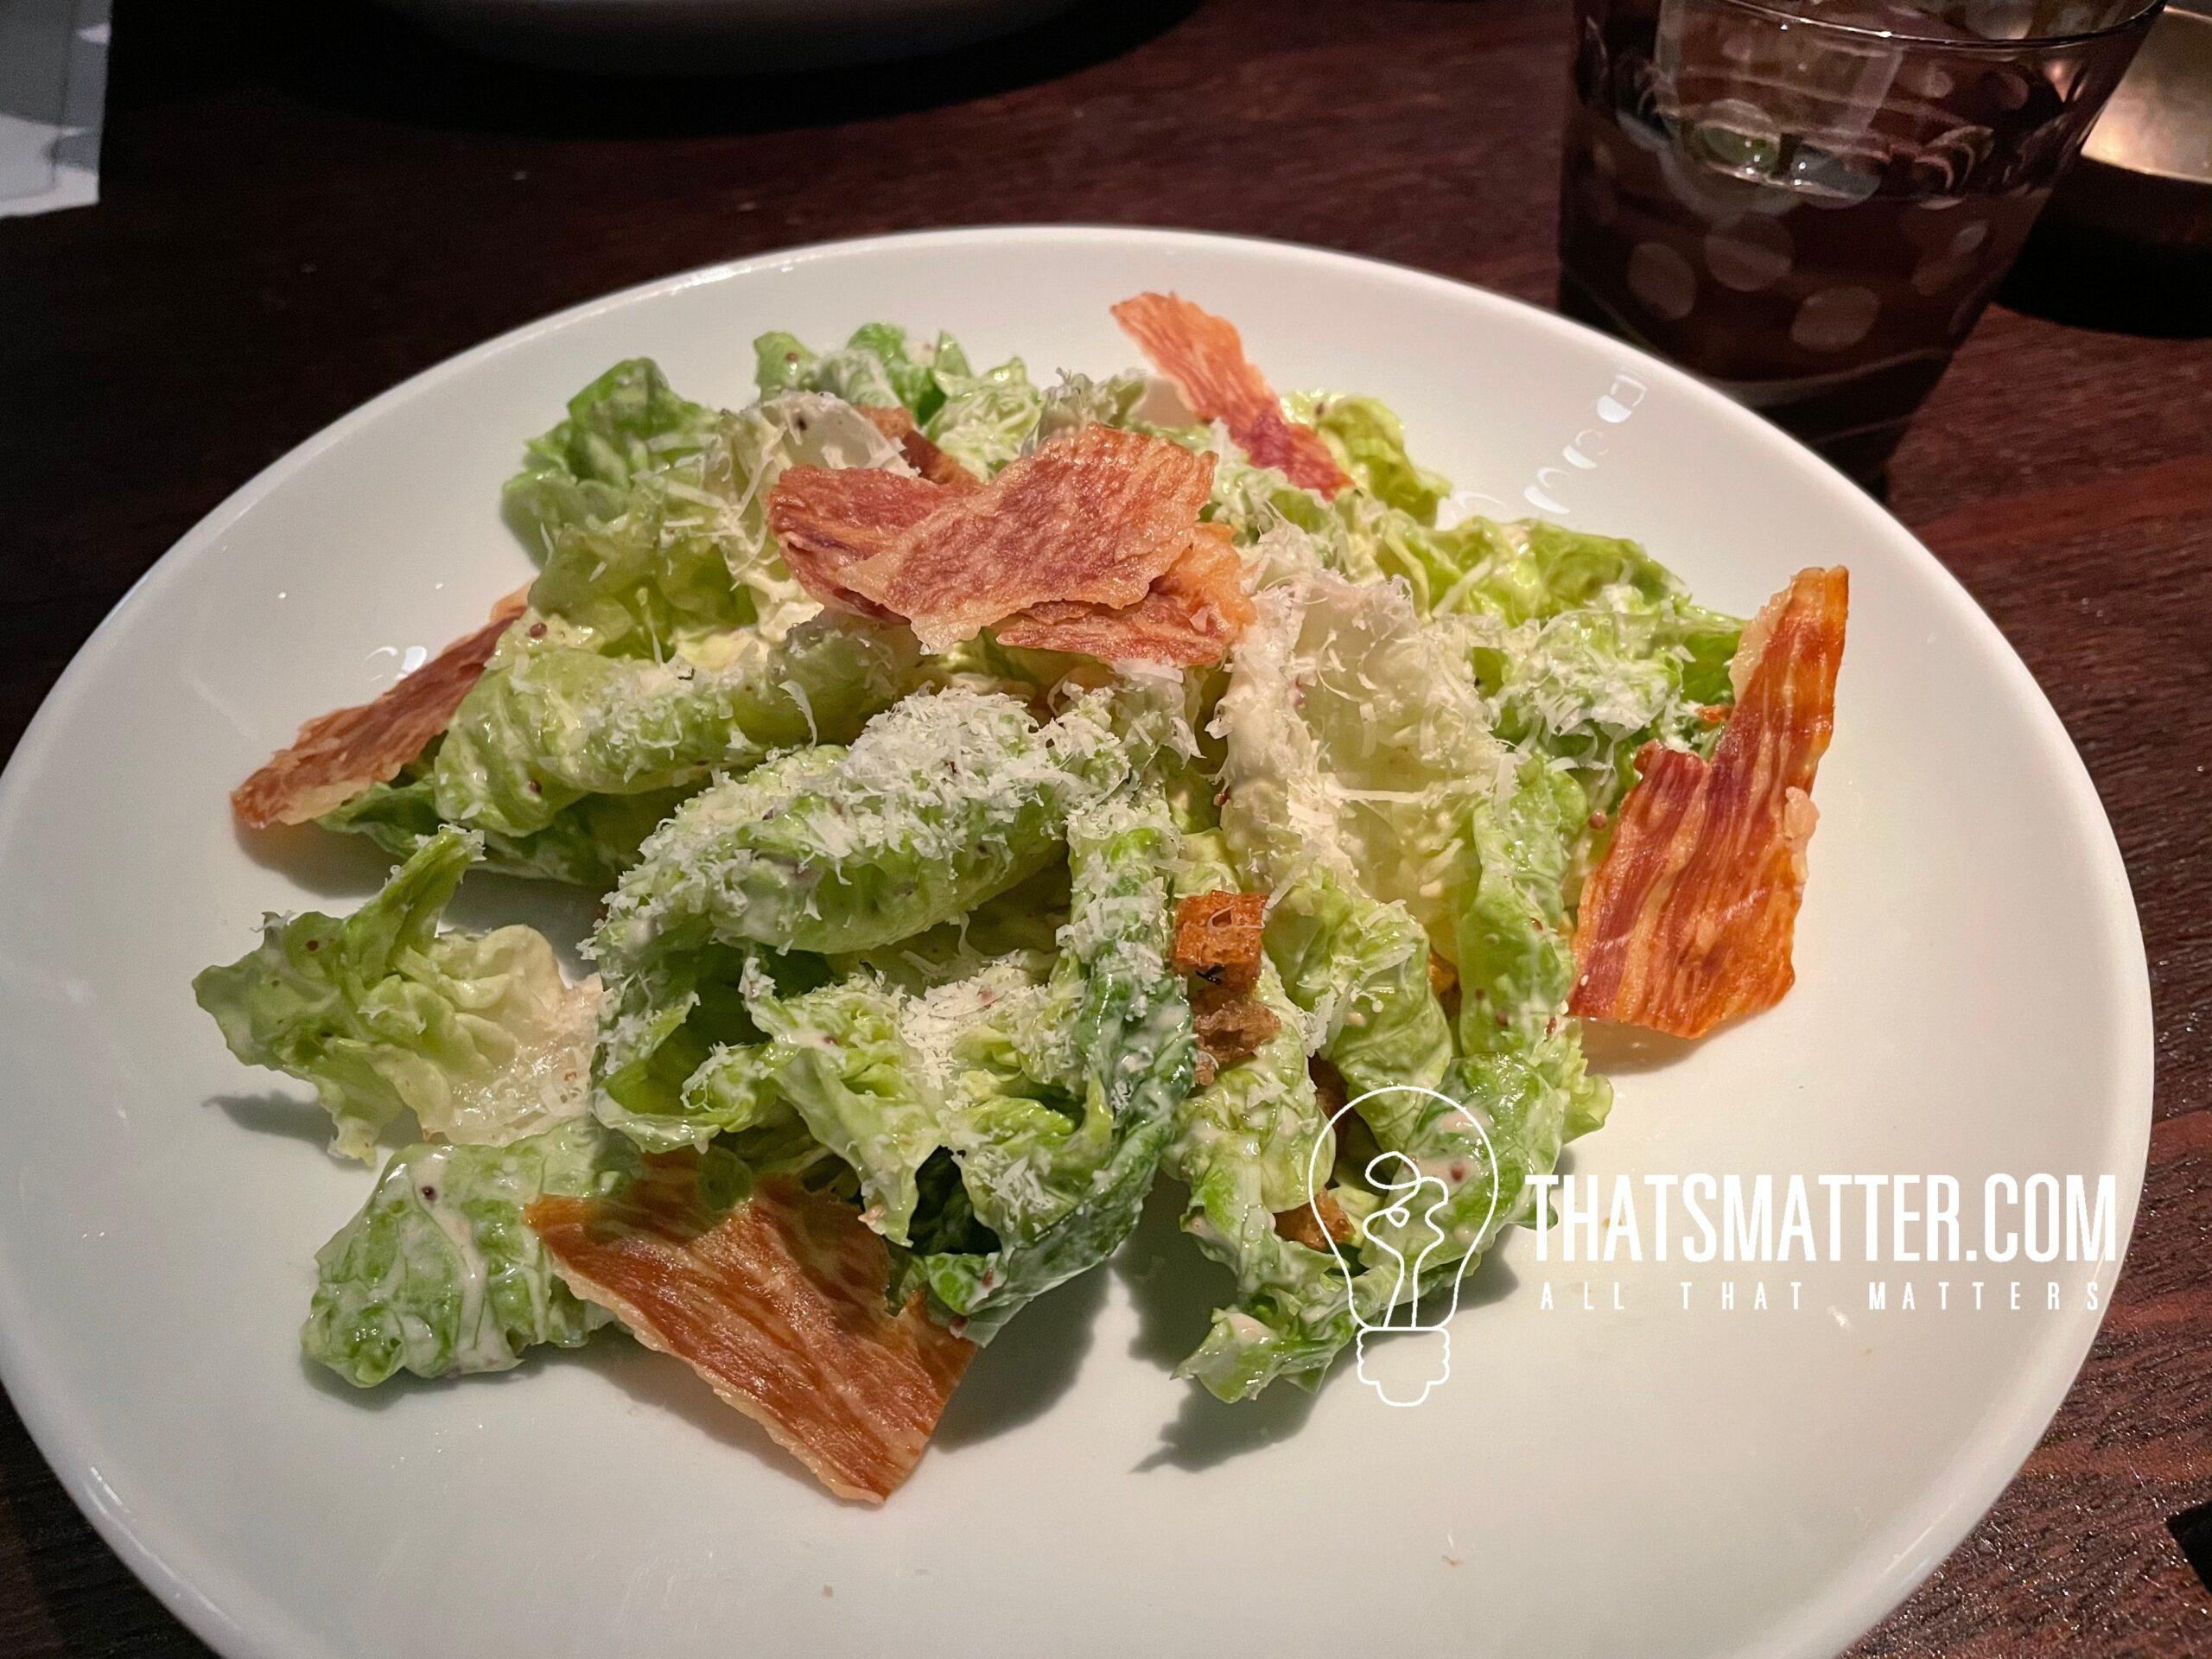 เพนท์เฮ้าส์ บาร์ แอนด์ กริลล์ Ceasar Salad (500 บาท)